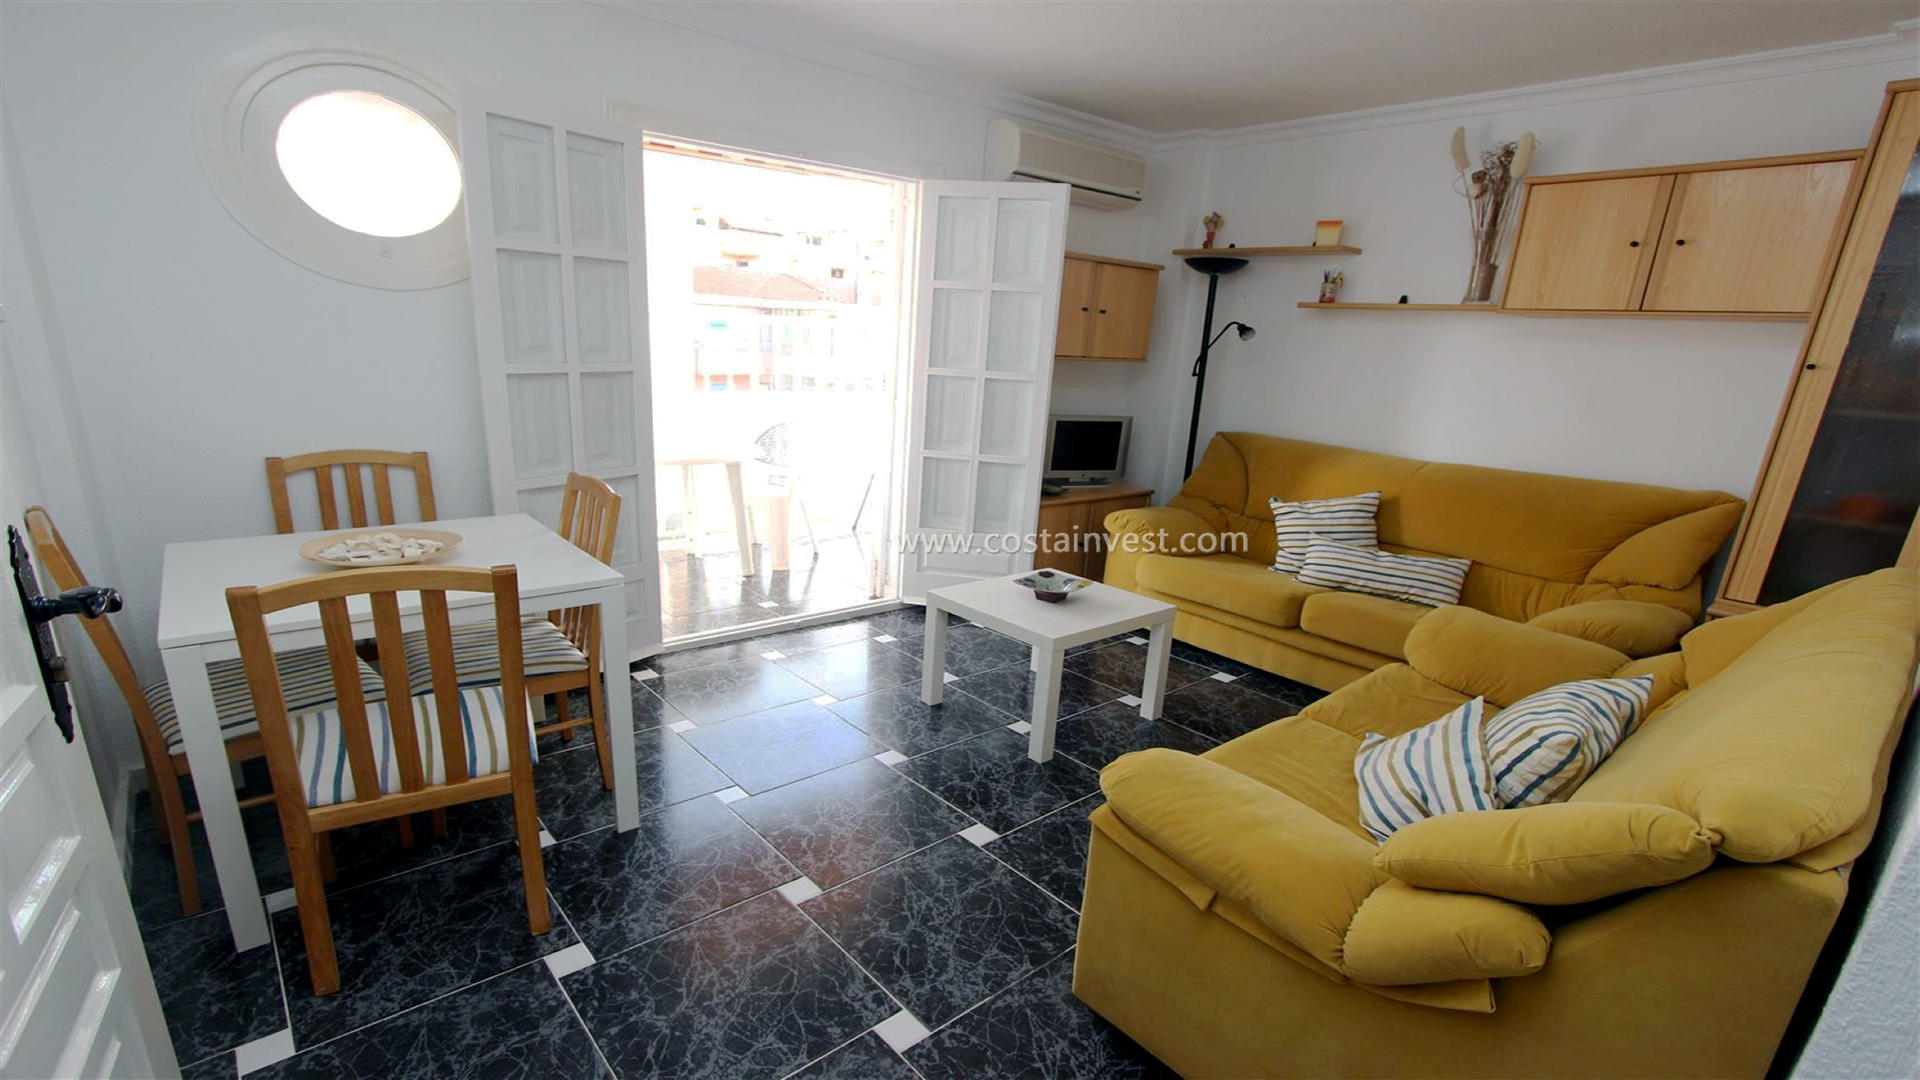 Apartament -                                       La Mata -                                       1 sypialnie -                                       2 osoby